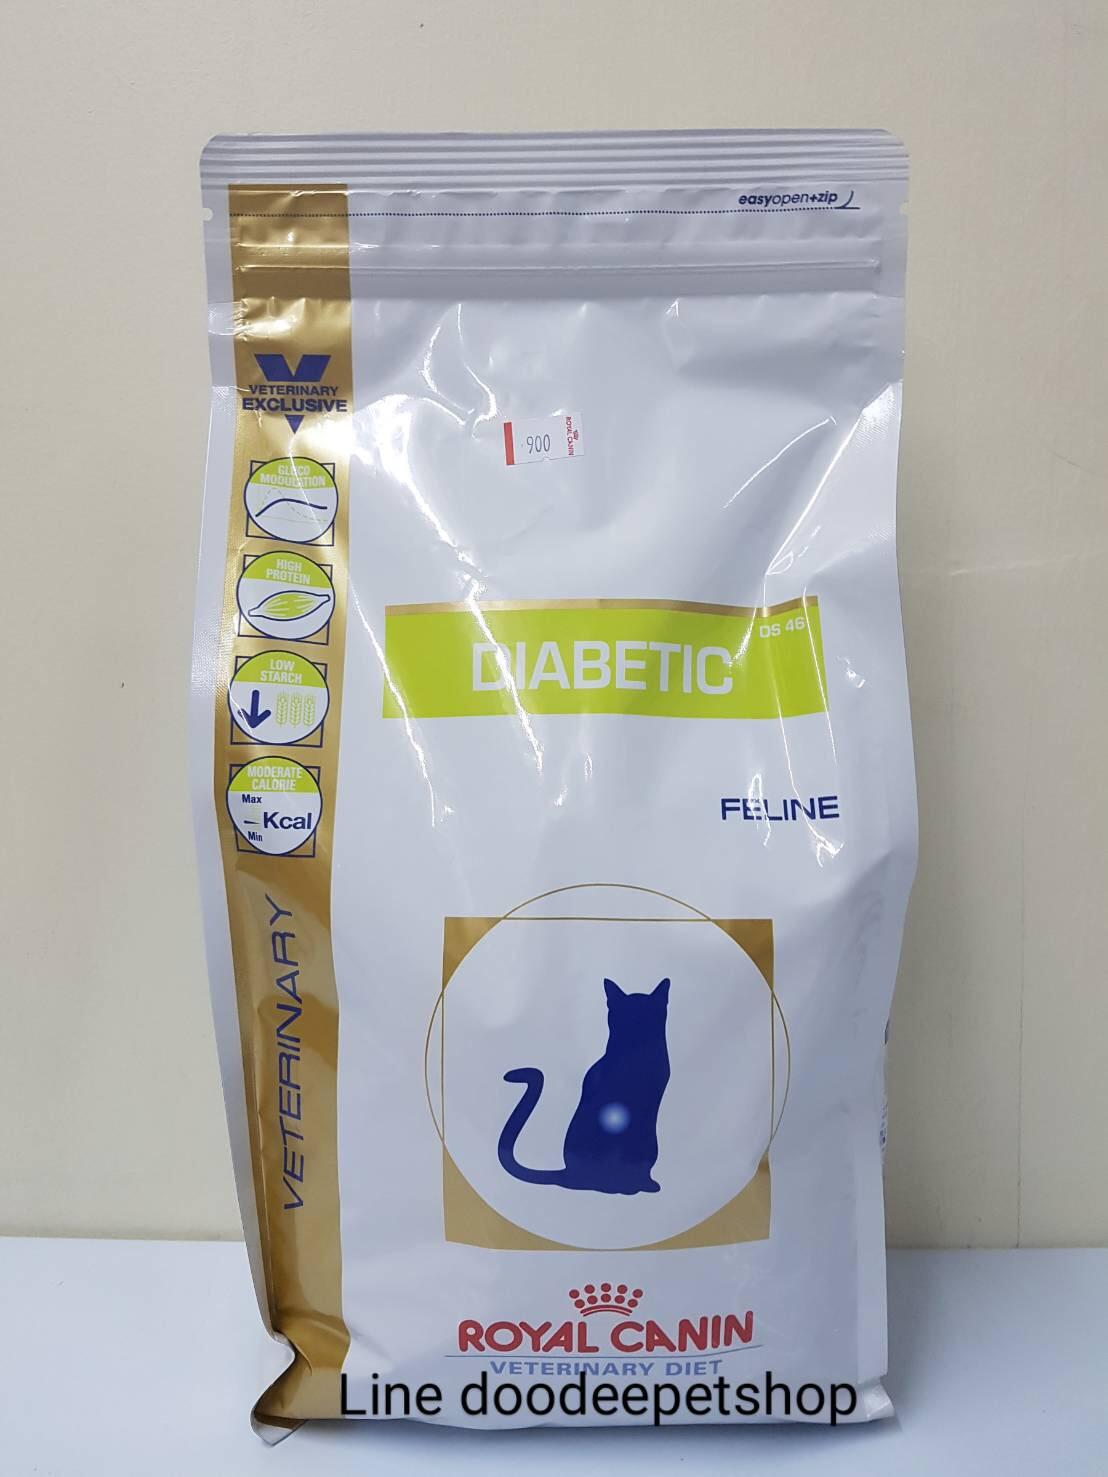 Diabetic 1.5kg.Exp. 03/19 แมวโรคอ้วน